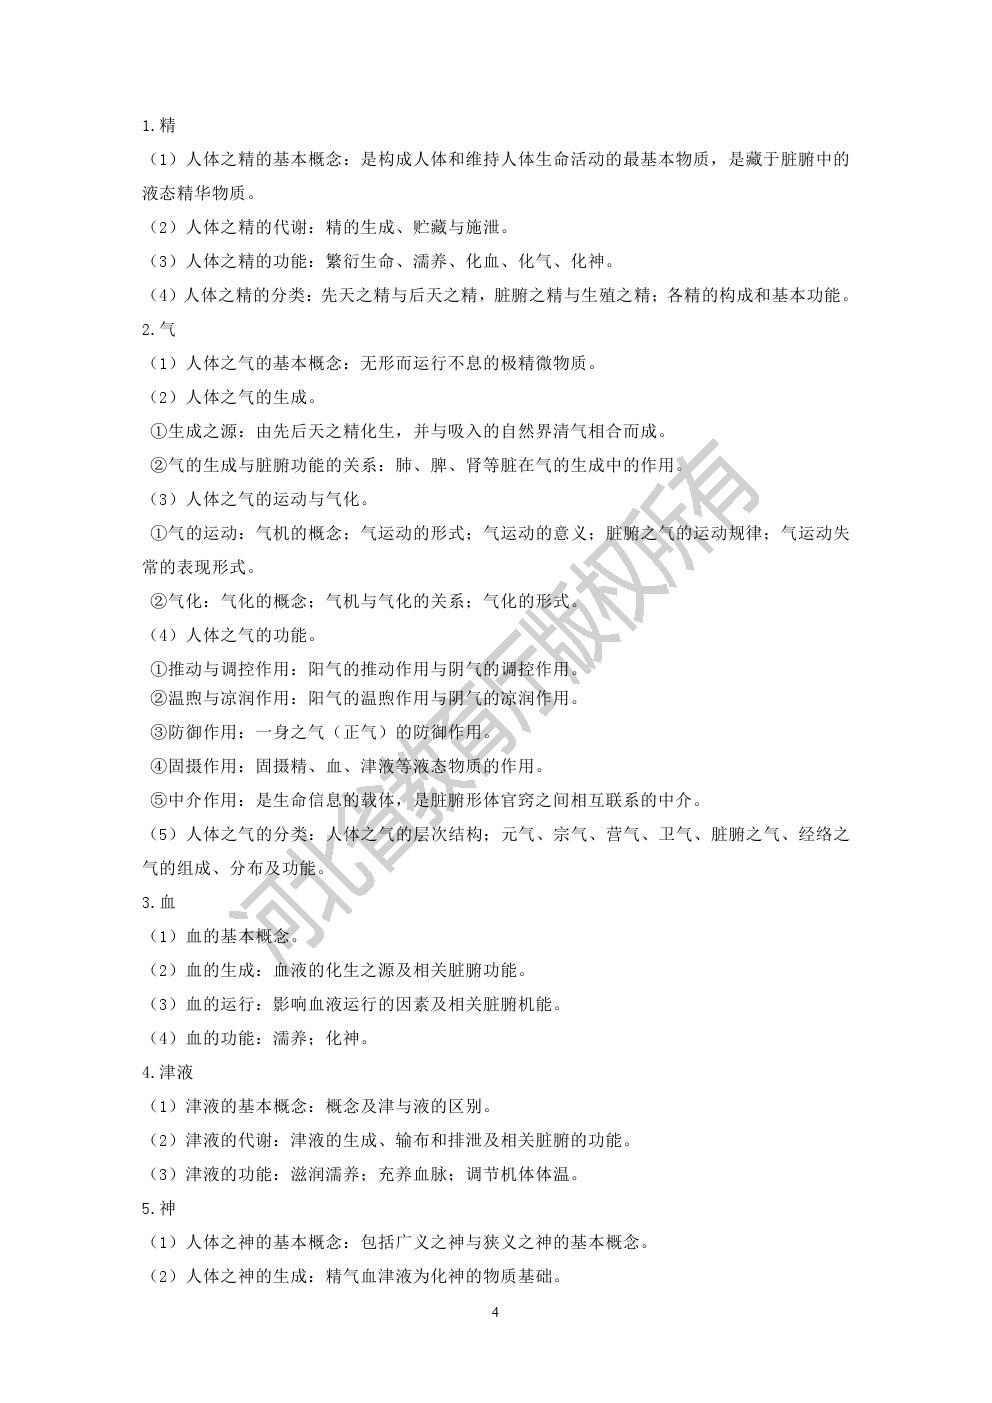 2020年河北省专接本考试医学类-针灸推拿学专业考试说明(中医基础理论、正常人体解剖学)